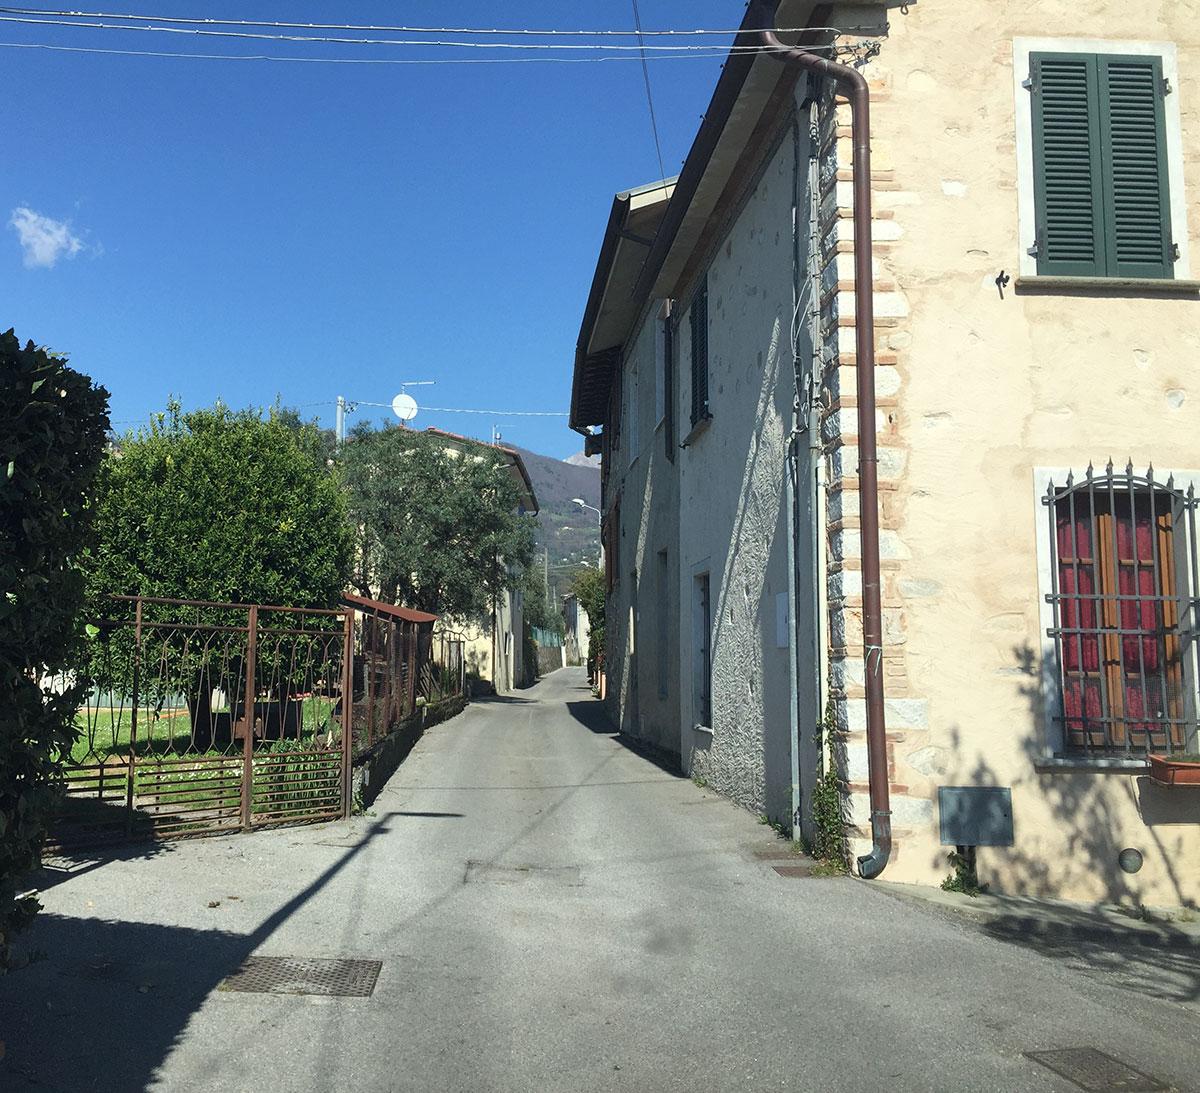 Piano di recupero per un nuovo parcheggio pubblico al Borgo dei Terrinchesi